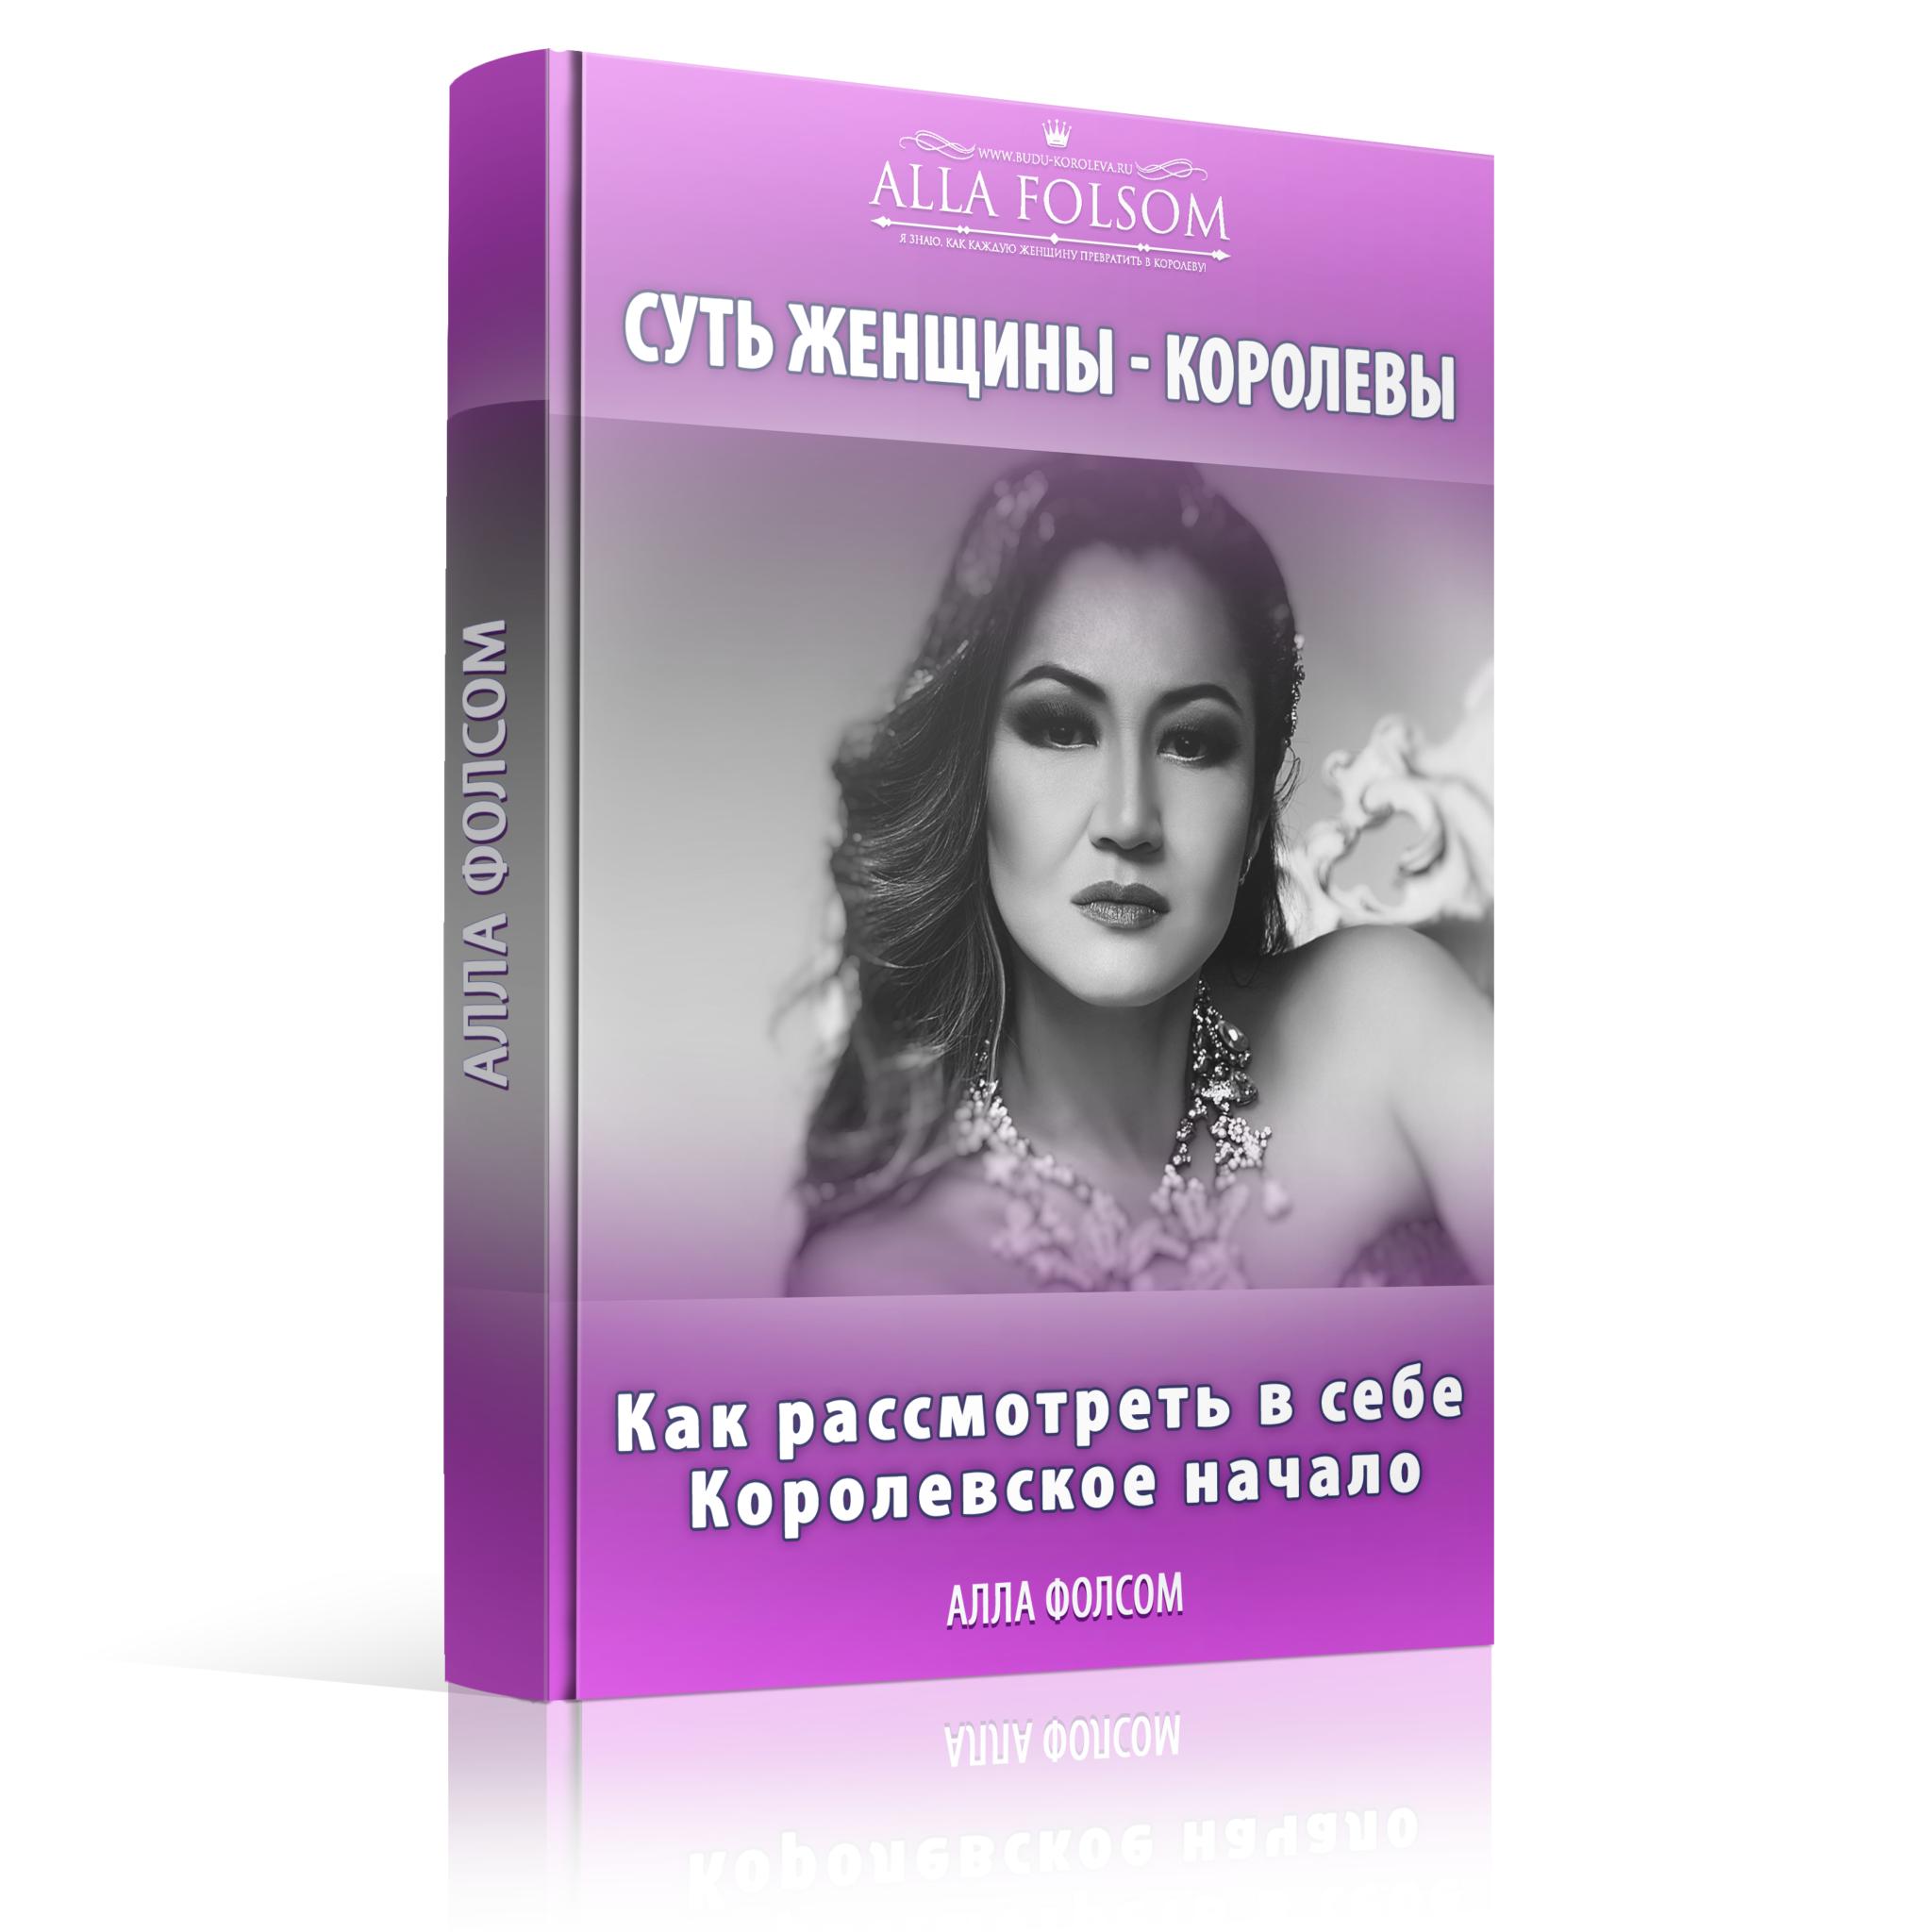 """Книга """"Суть женщины-королевы. Как рассмотреть в себе королевское начало"""""""